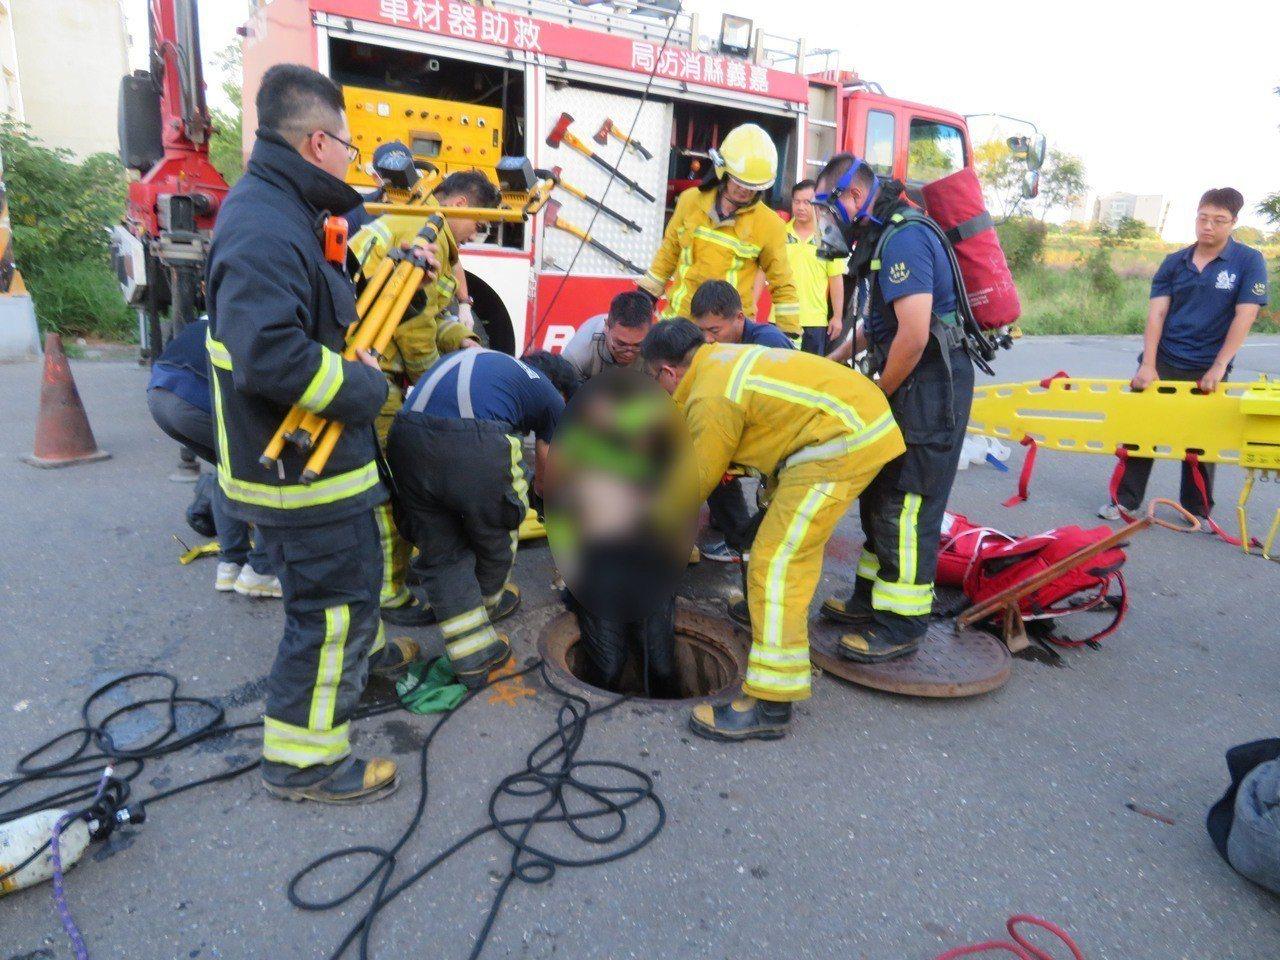 嘉義區監理站前汙水下水道有2名工人昏倒,消防局人車到達現場,用吊掛救出2人,但無...